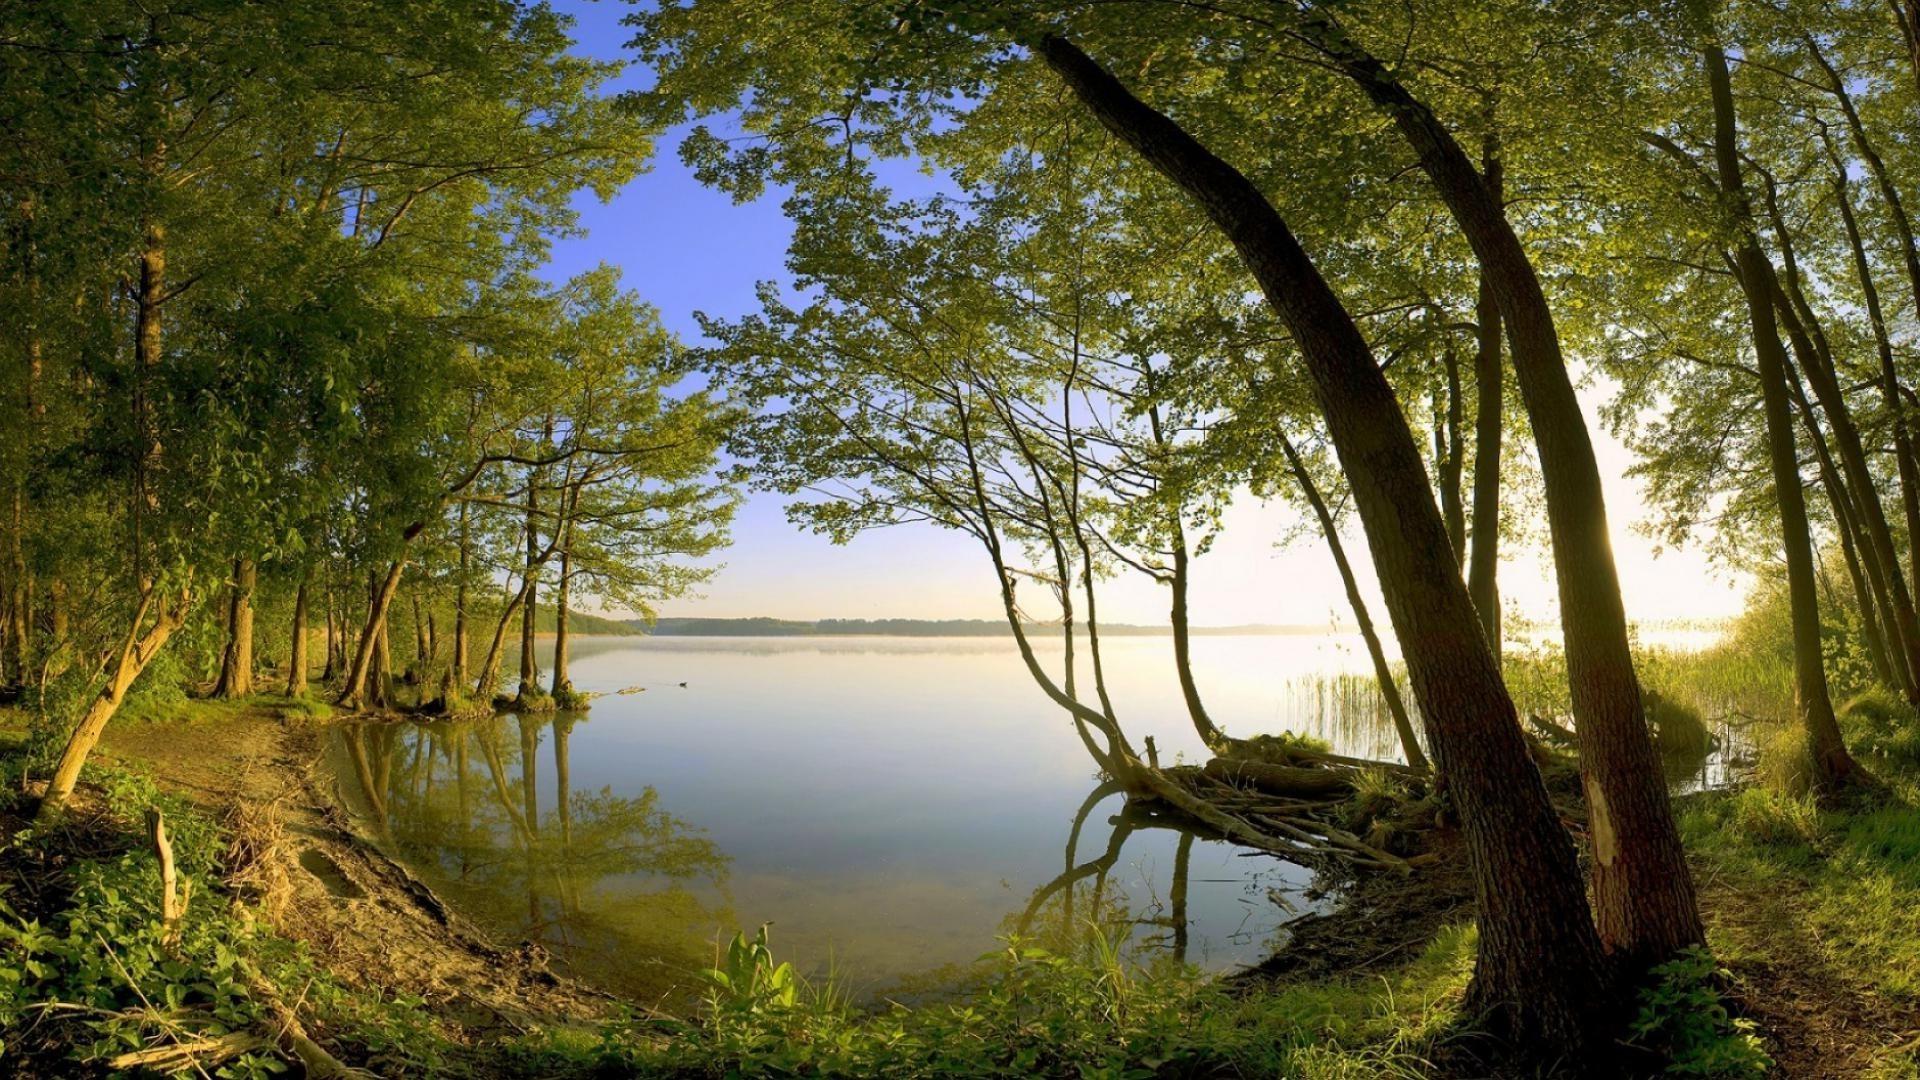 природа береза деревья вода озеро лес  № 2791955 бесплатно